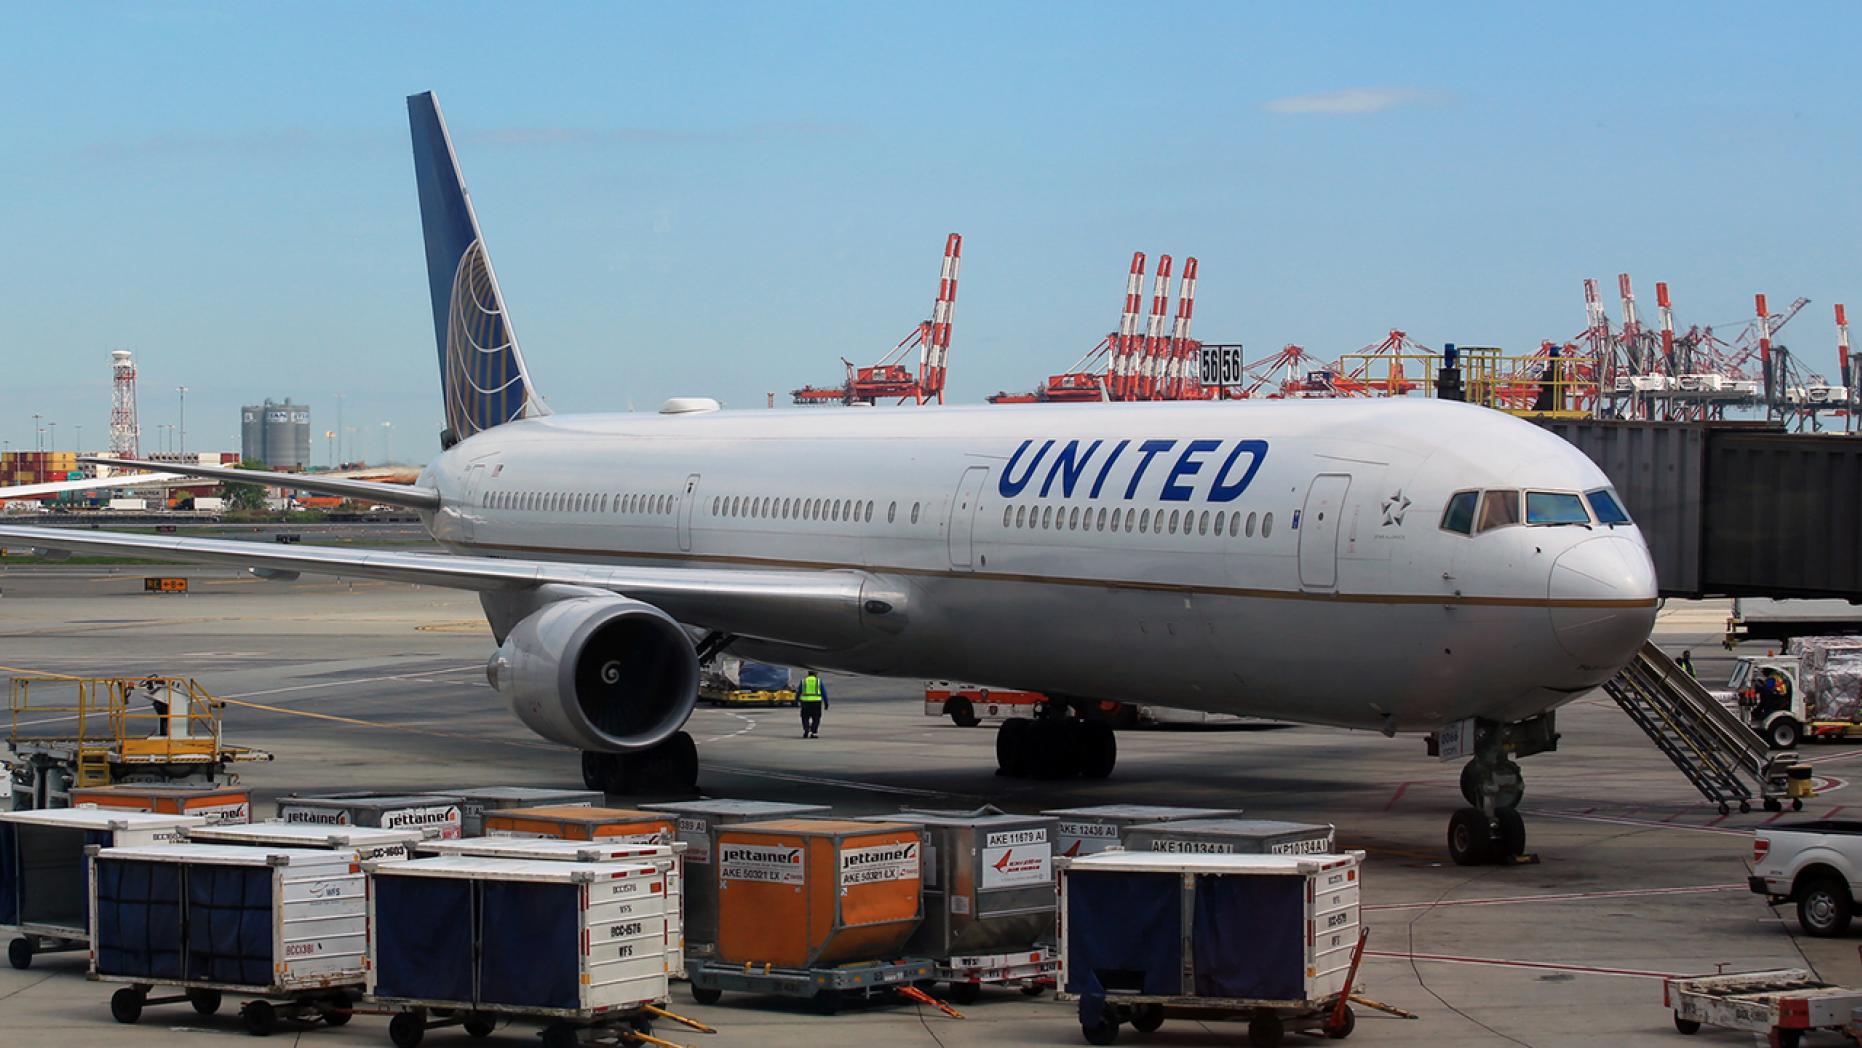 美联航航班出现故障后被迫返航 图源:福克斯新闻网